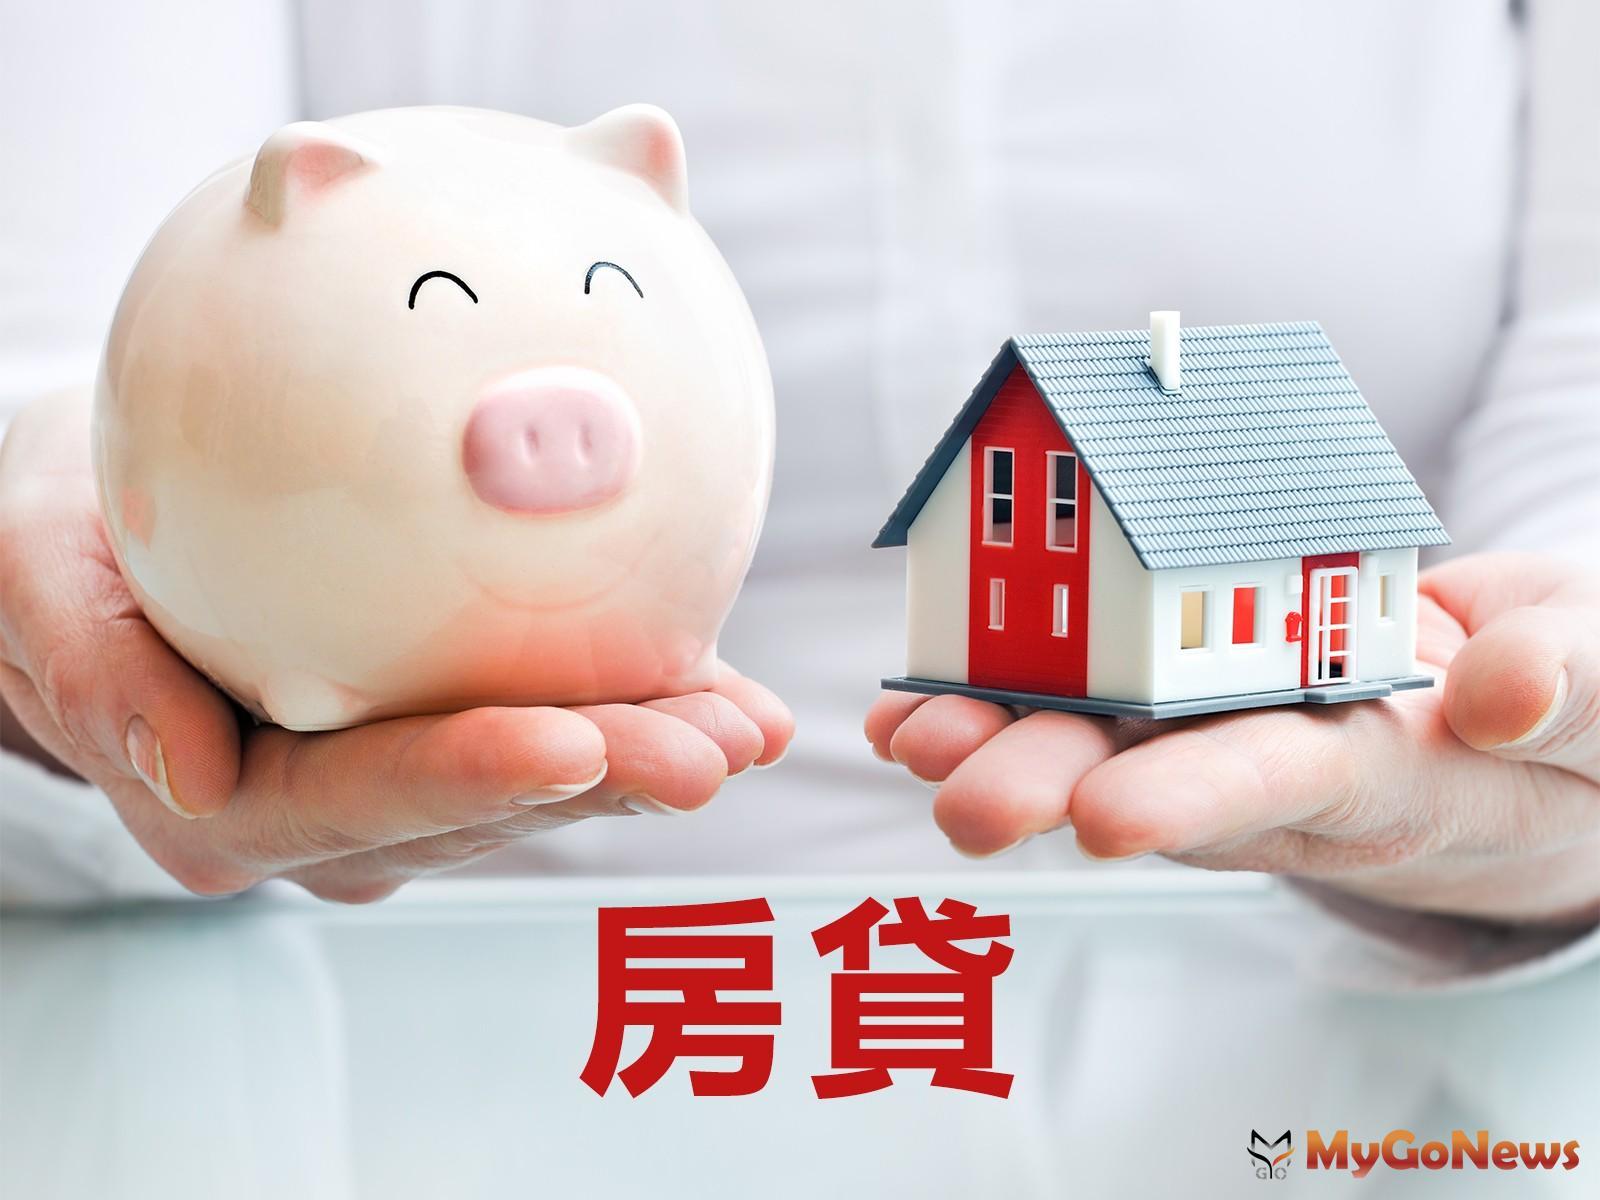 房貸期數再創新高,10年時間房貸期數增加51個月 MyGoNews房地產新聞 市場快訊